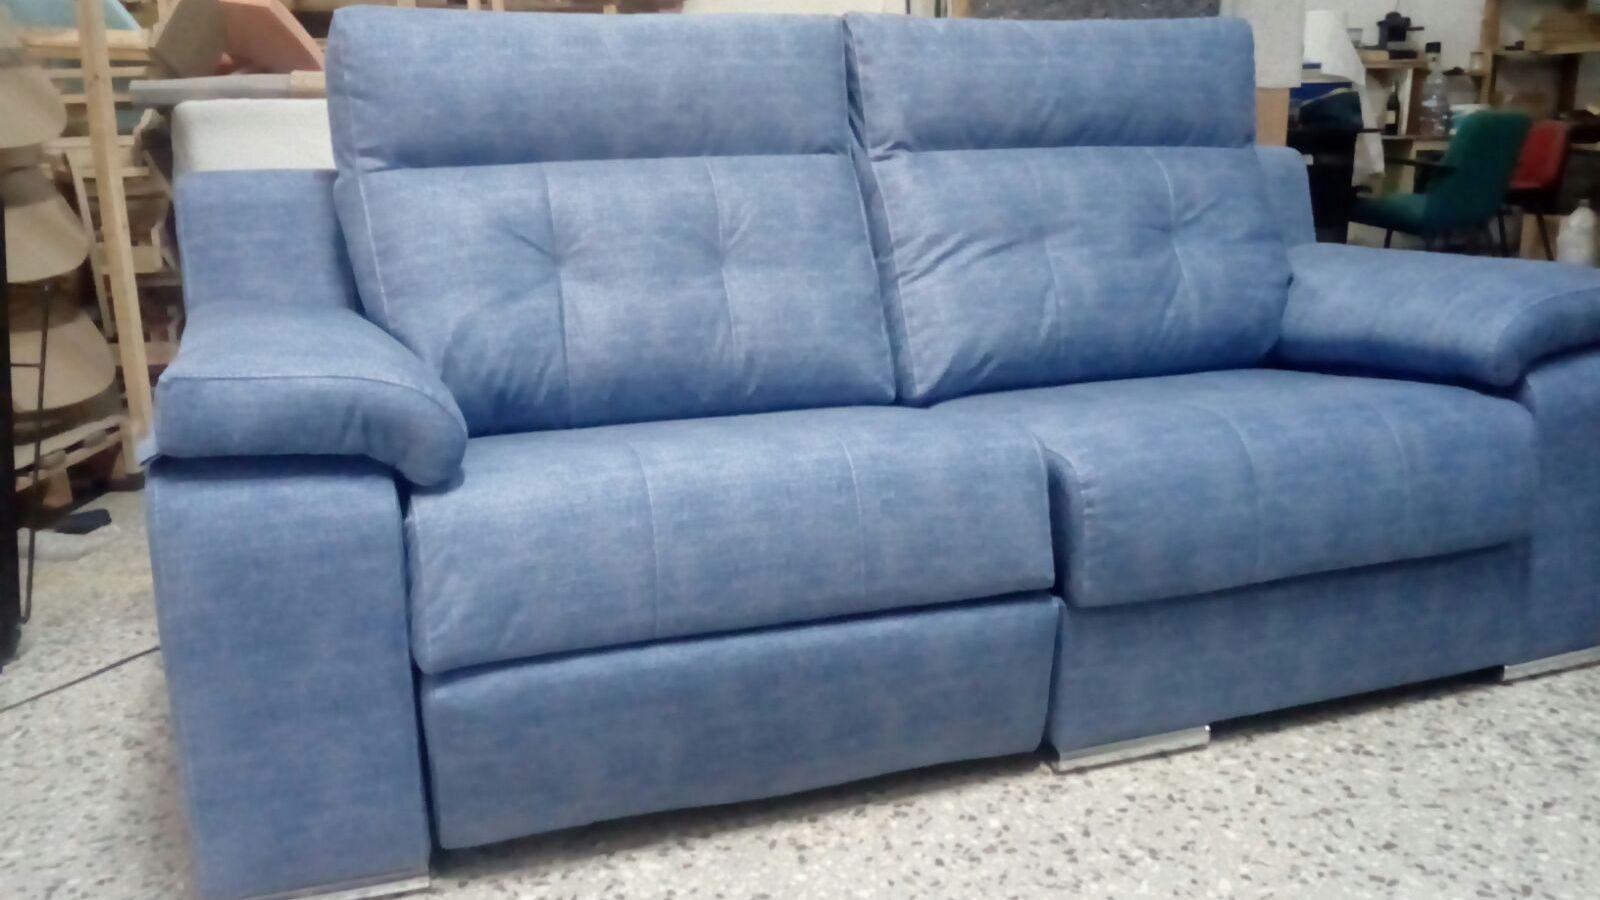 Tienda de sofás y colchones en Terrassa